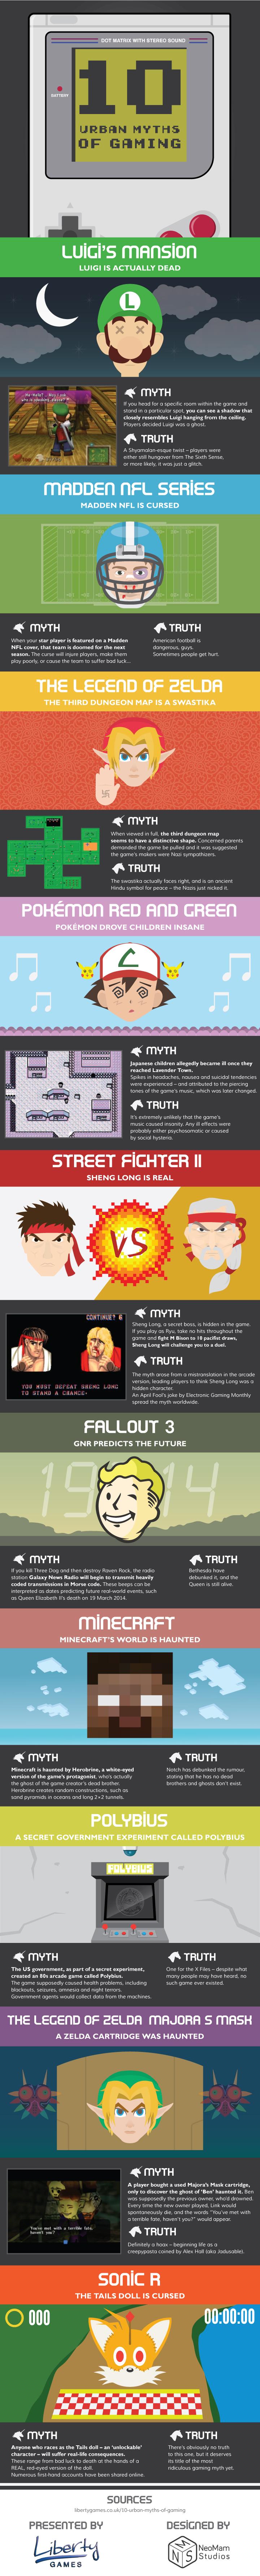 10-myths-of-gaming